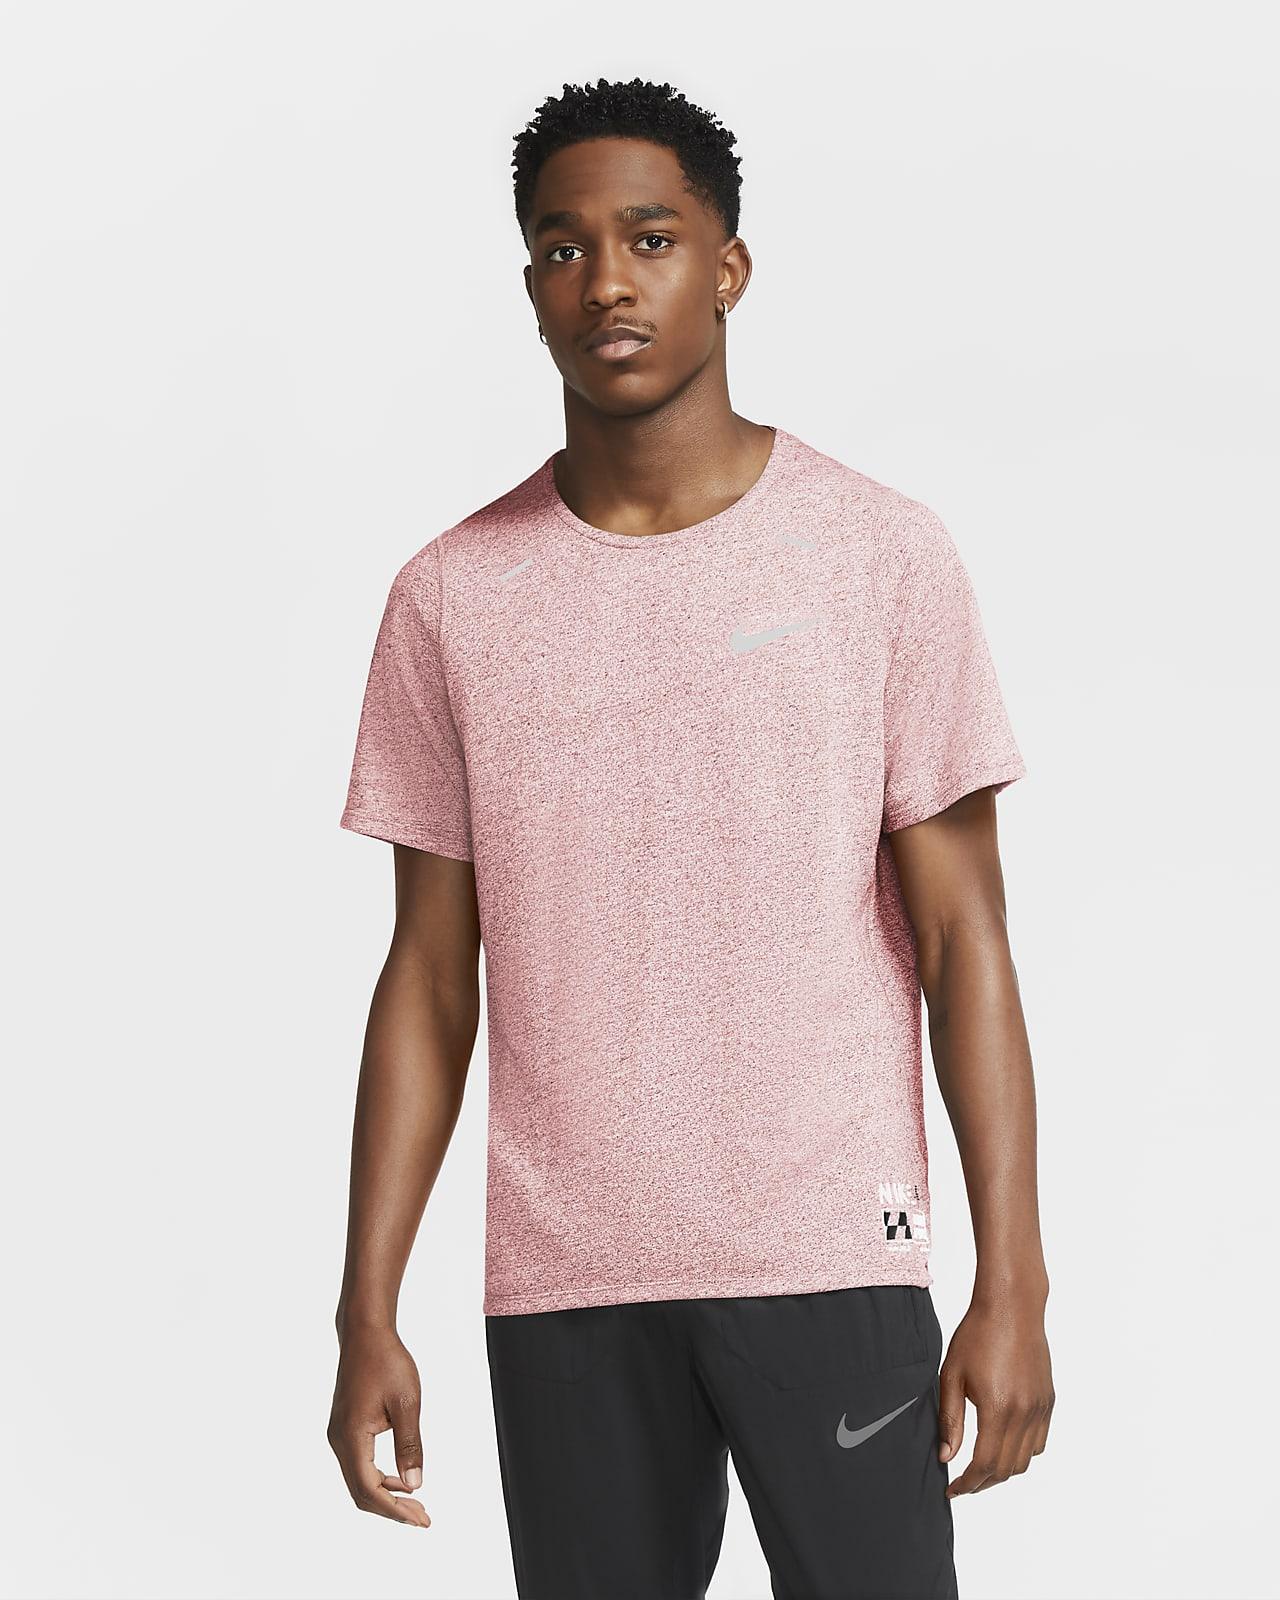 Nike Rise 365 Future Fast-løbeoverdel til mænd